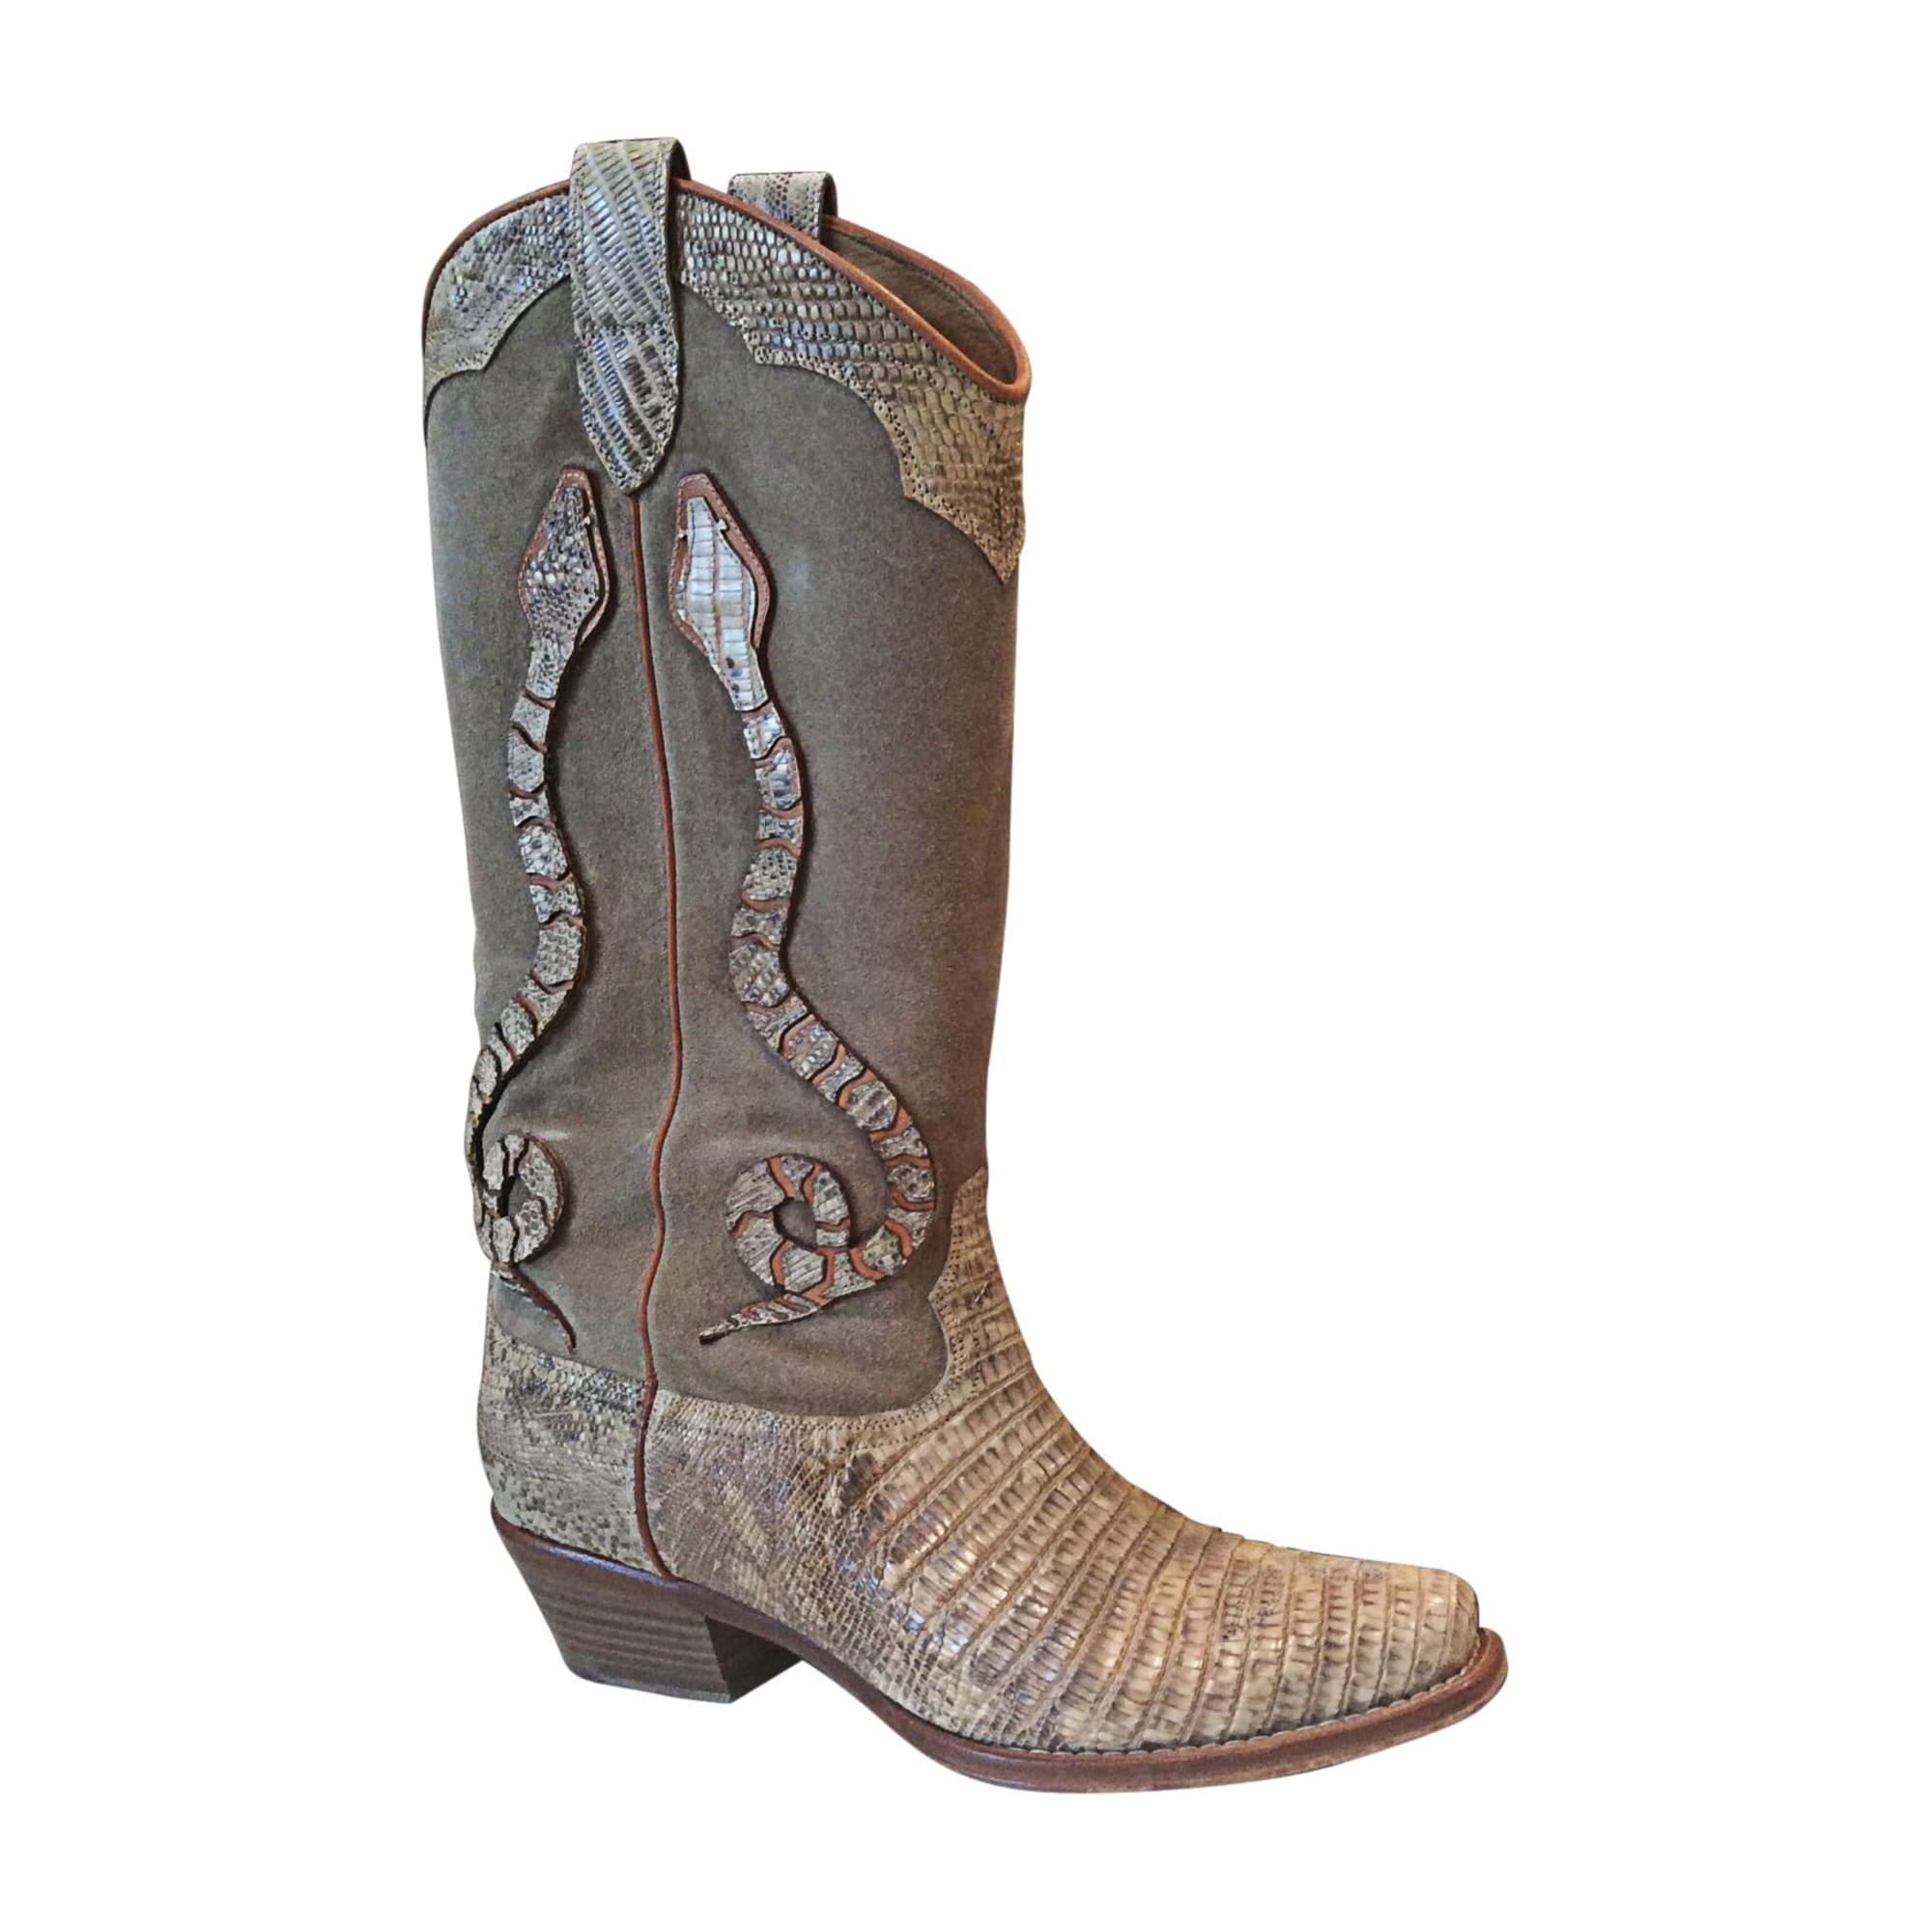 Santiags, bottes cowboy RALPH LAUREN Beige, camel